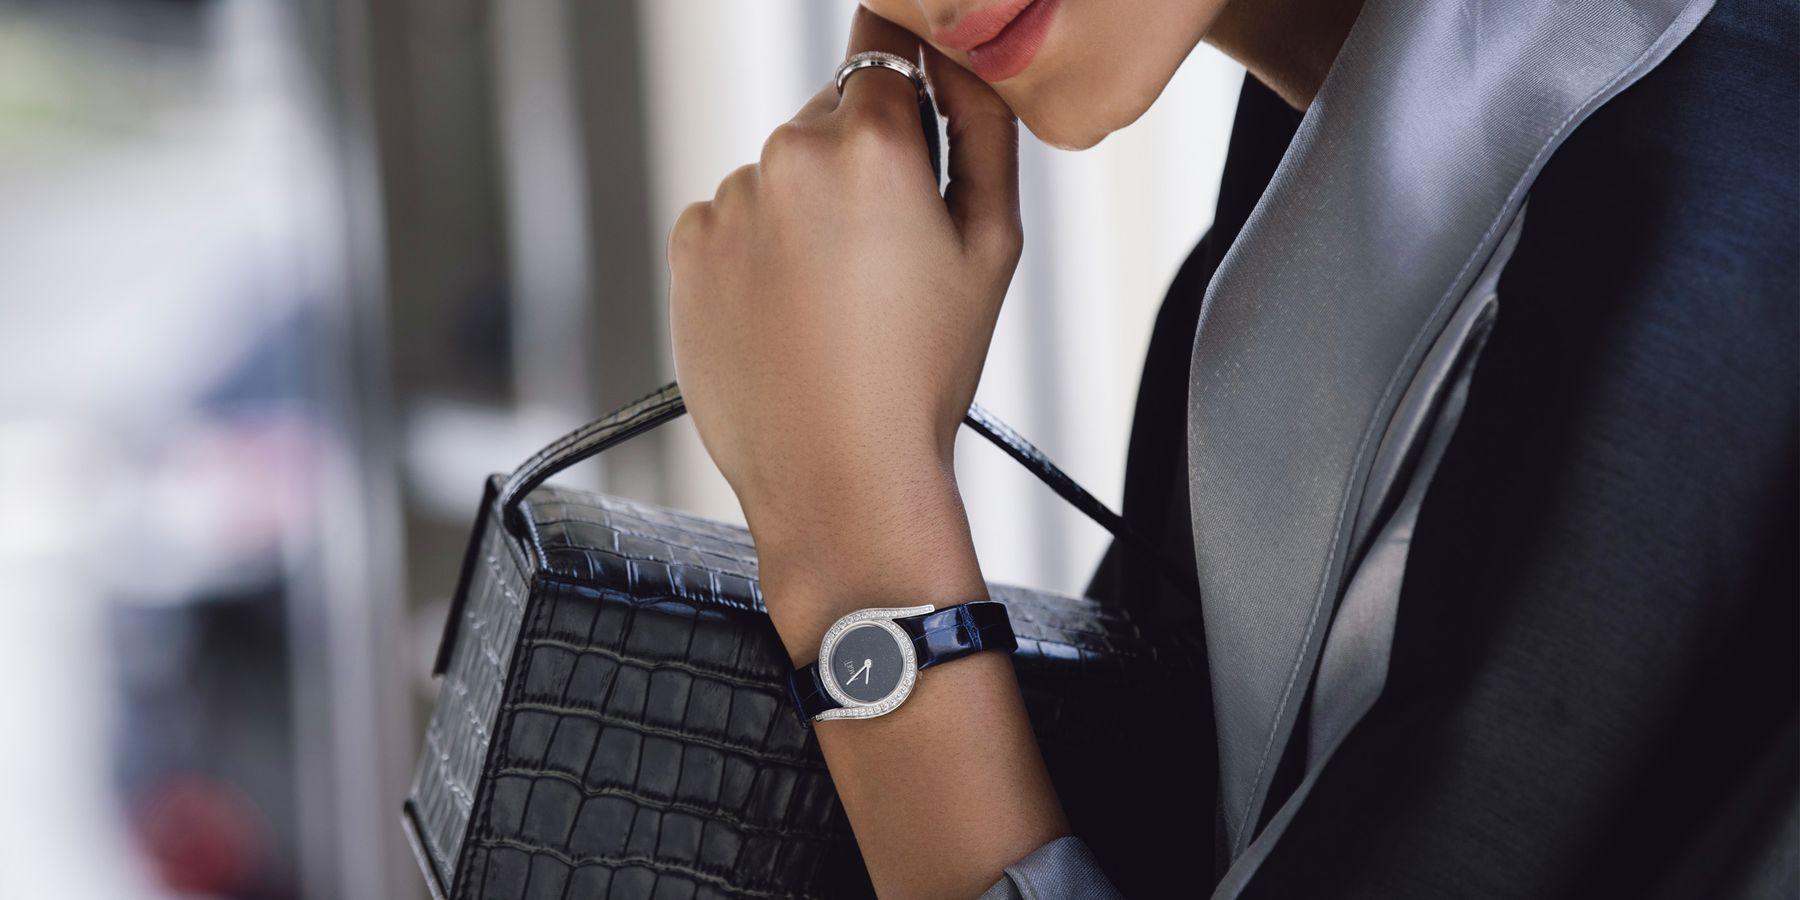 夜藍優雅,玫瑰盛宴:Piaget全新Limelight Gala腕錶及玫瑰溫室花坊展